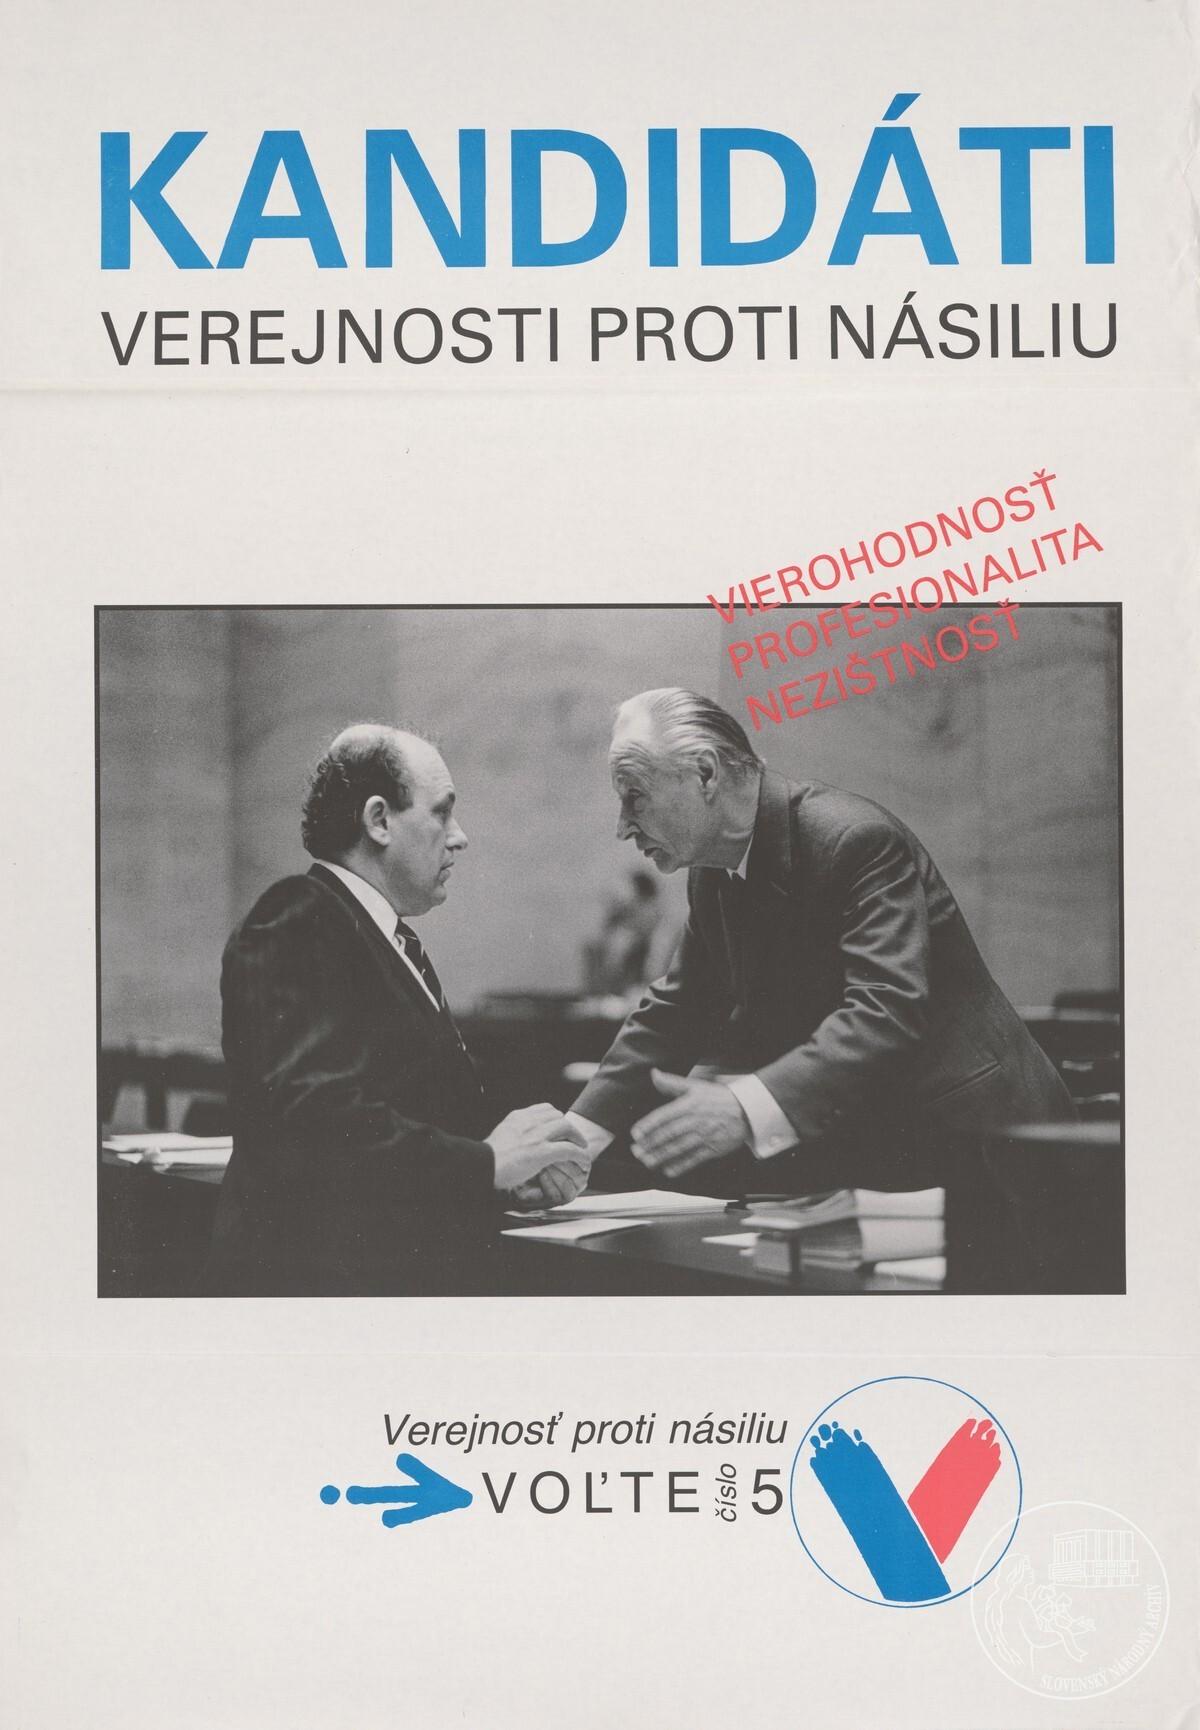 Vierohodnosť, profesionalita, nezištnosť!. 1990. Slovenský národný archív